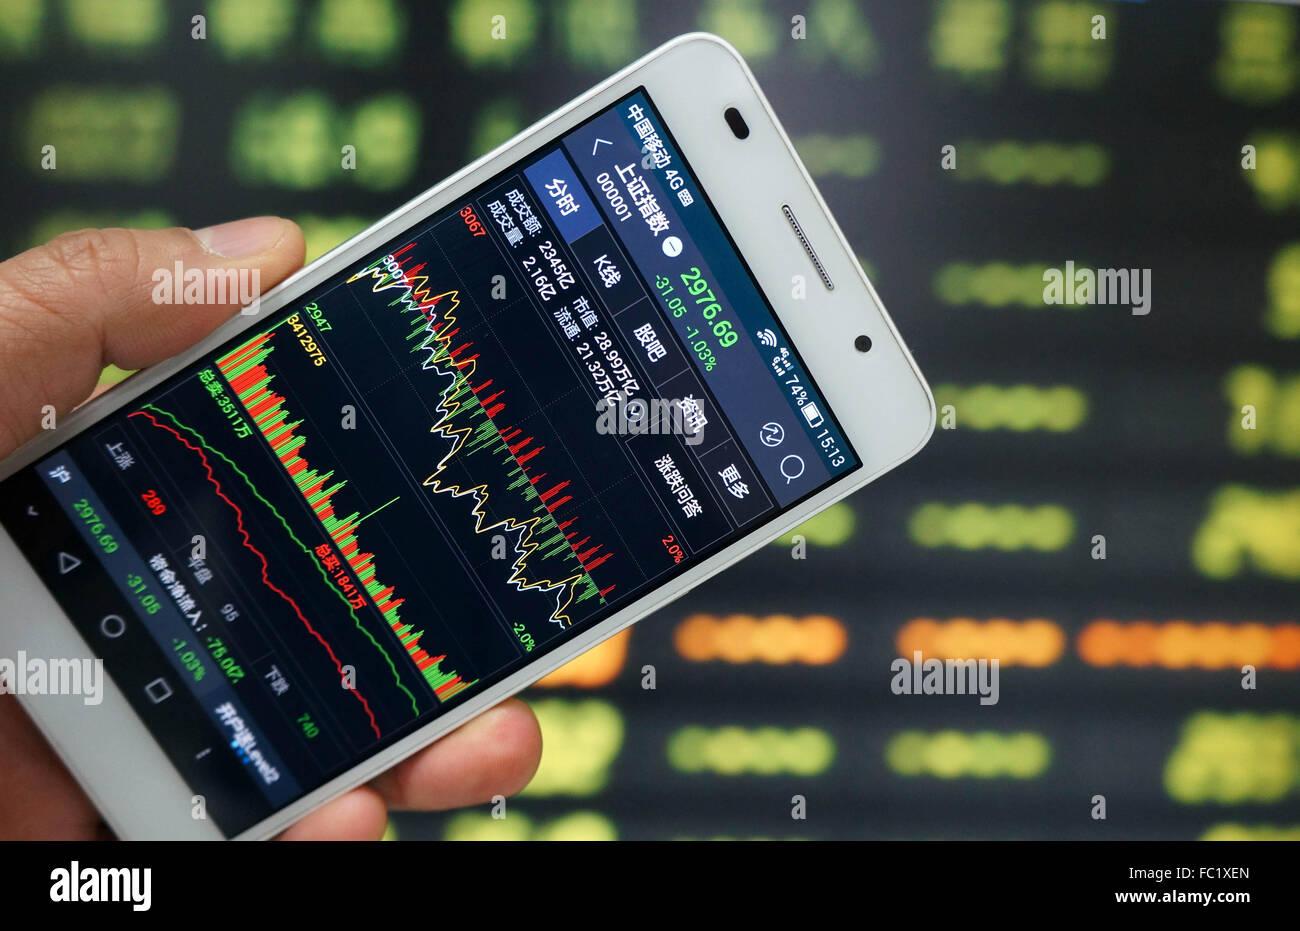 537d7d6292 Un investitore utilizzare il telefono cellulare per mostrare informazioni  di borsa in un mercato azionario in Huaibei, provincia di Anhui, Oriente  Cina il ...